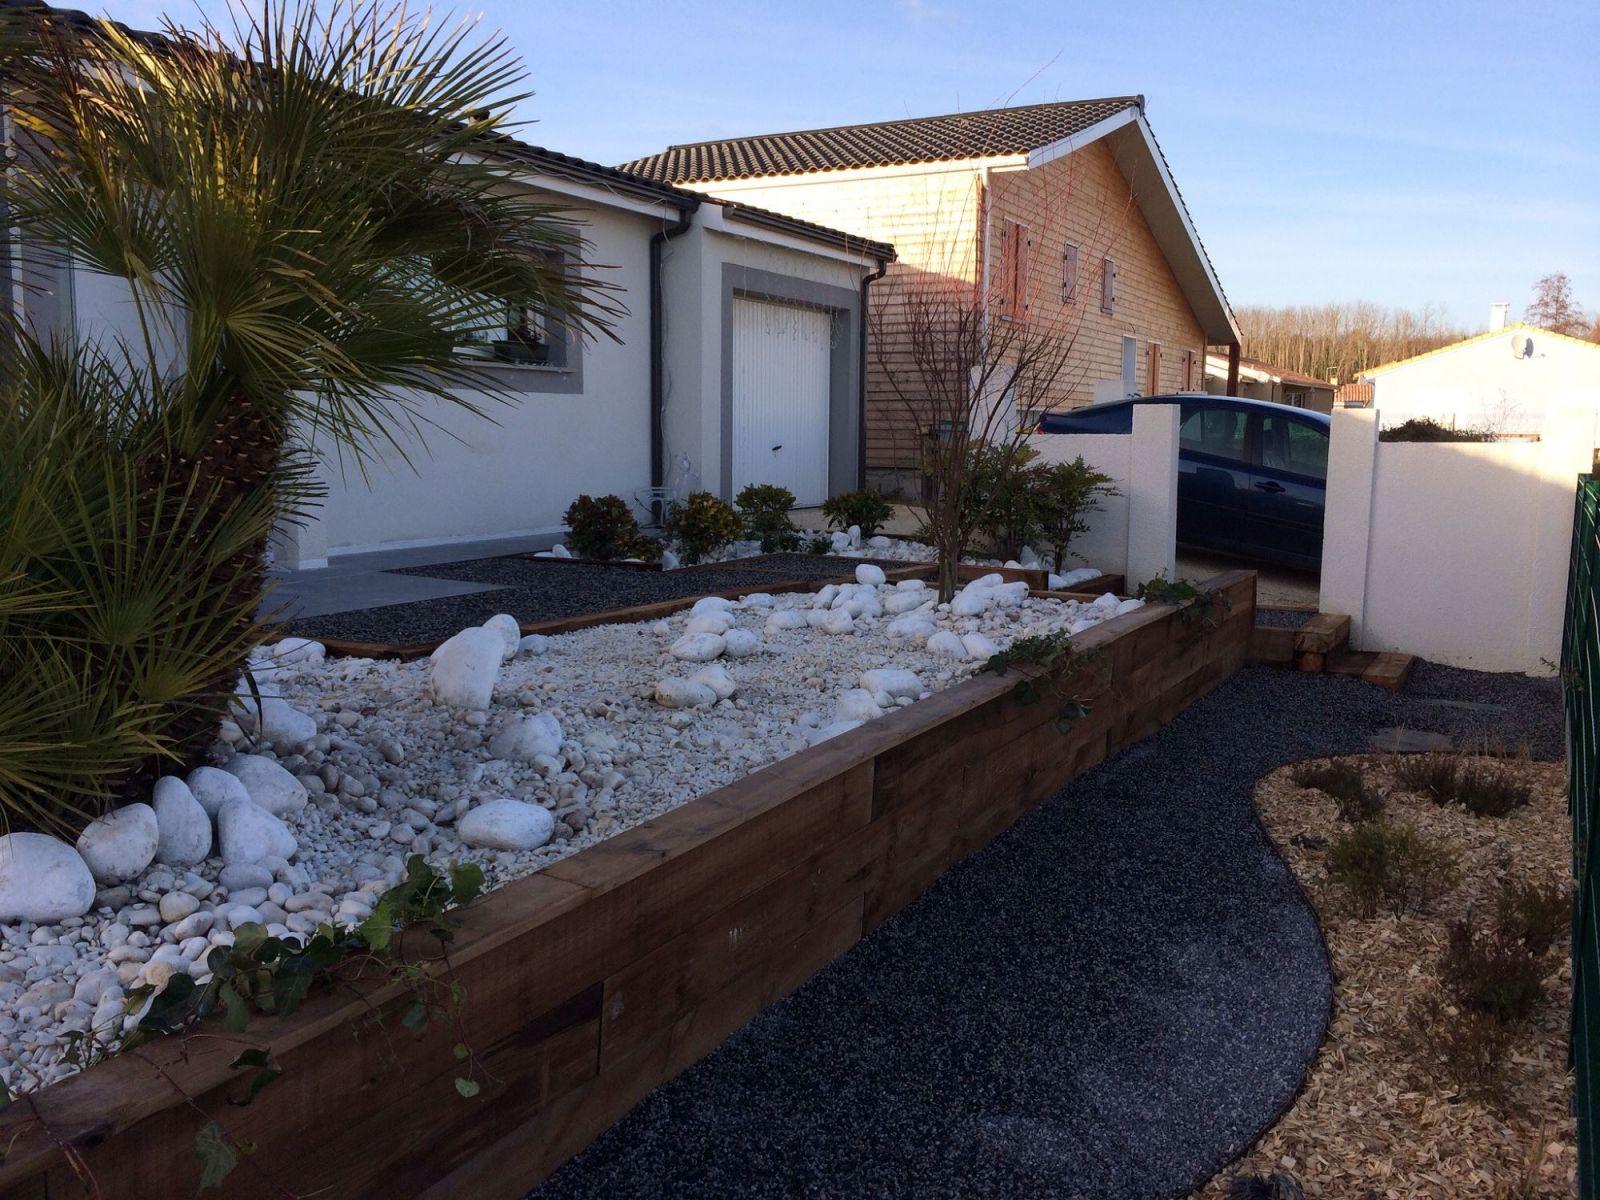 Paysagiste pour r alisation de mur en traverses en ch ne for Realisation paysagiste jardin